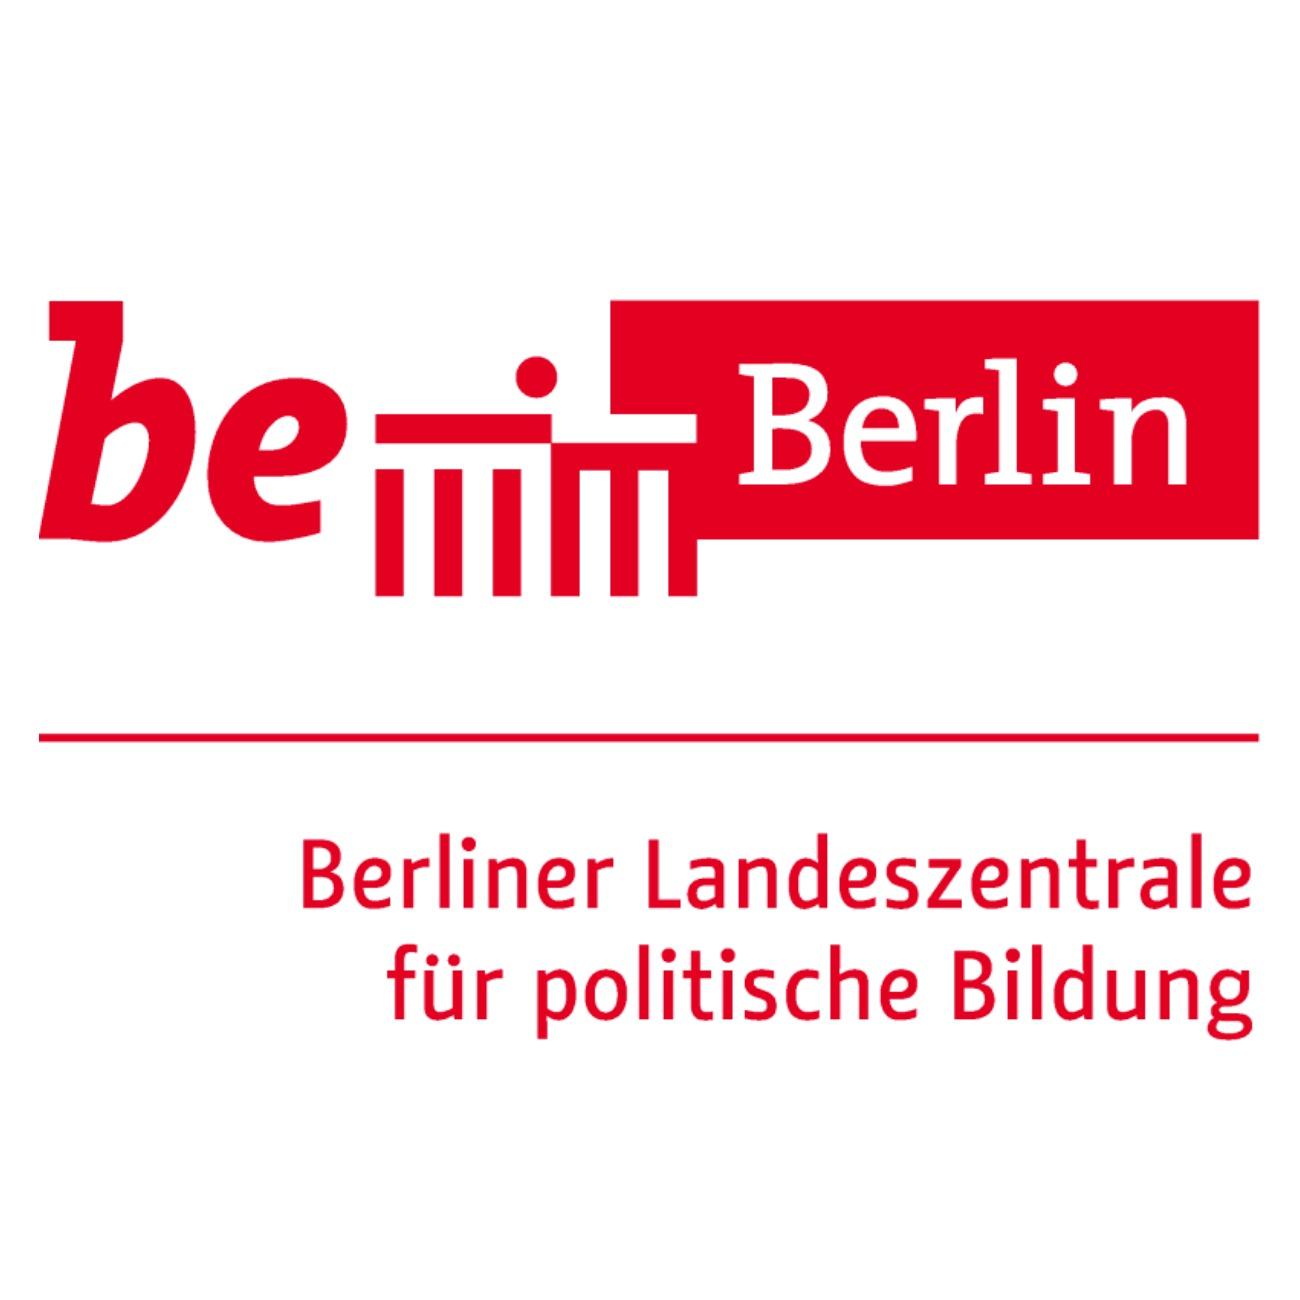 berliner landeszentrale fur politische bildung logo